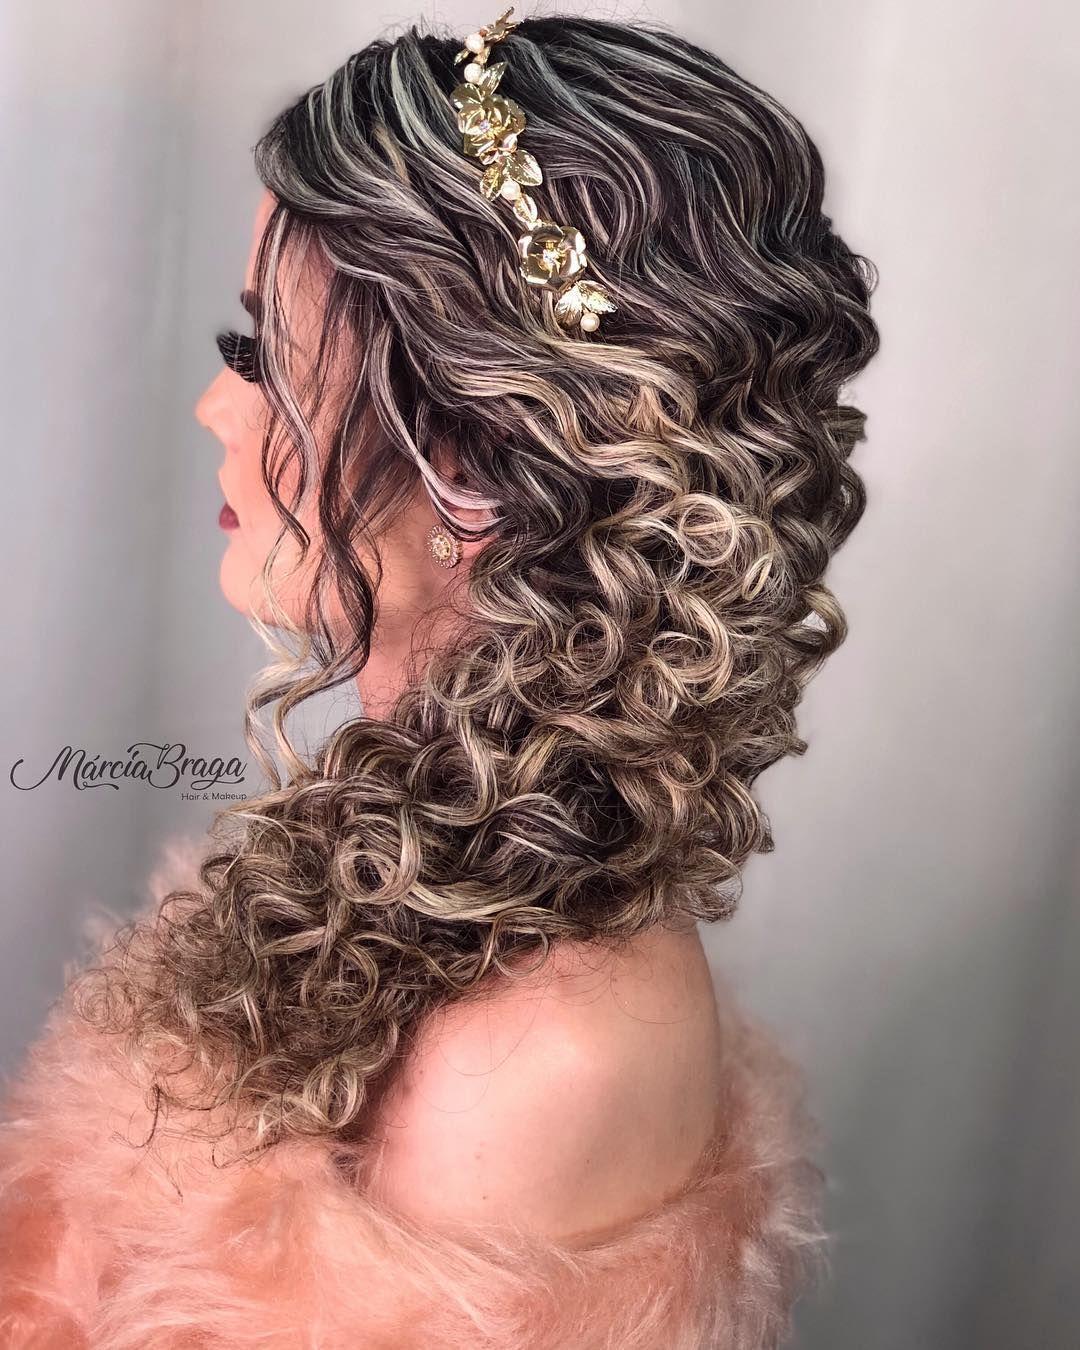 """⚜️ Especialista en peinado en Instagram: """"¡Bloqueo semi lateral para los rizados de turno!  🤗💕😍 Belleza @luanaalvarengaa Make @isamartinsmakeup Hair @ marciabragapenteados… """"  – Peinados"""